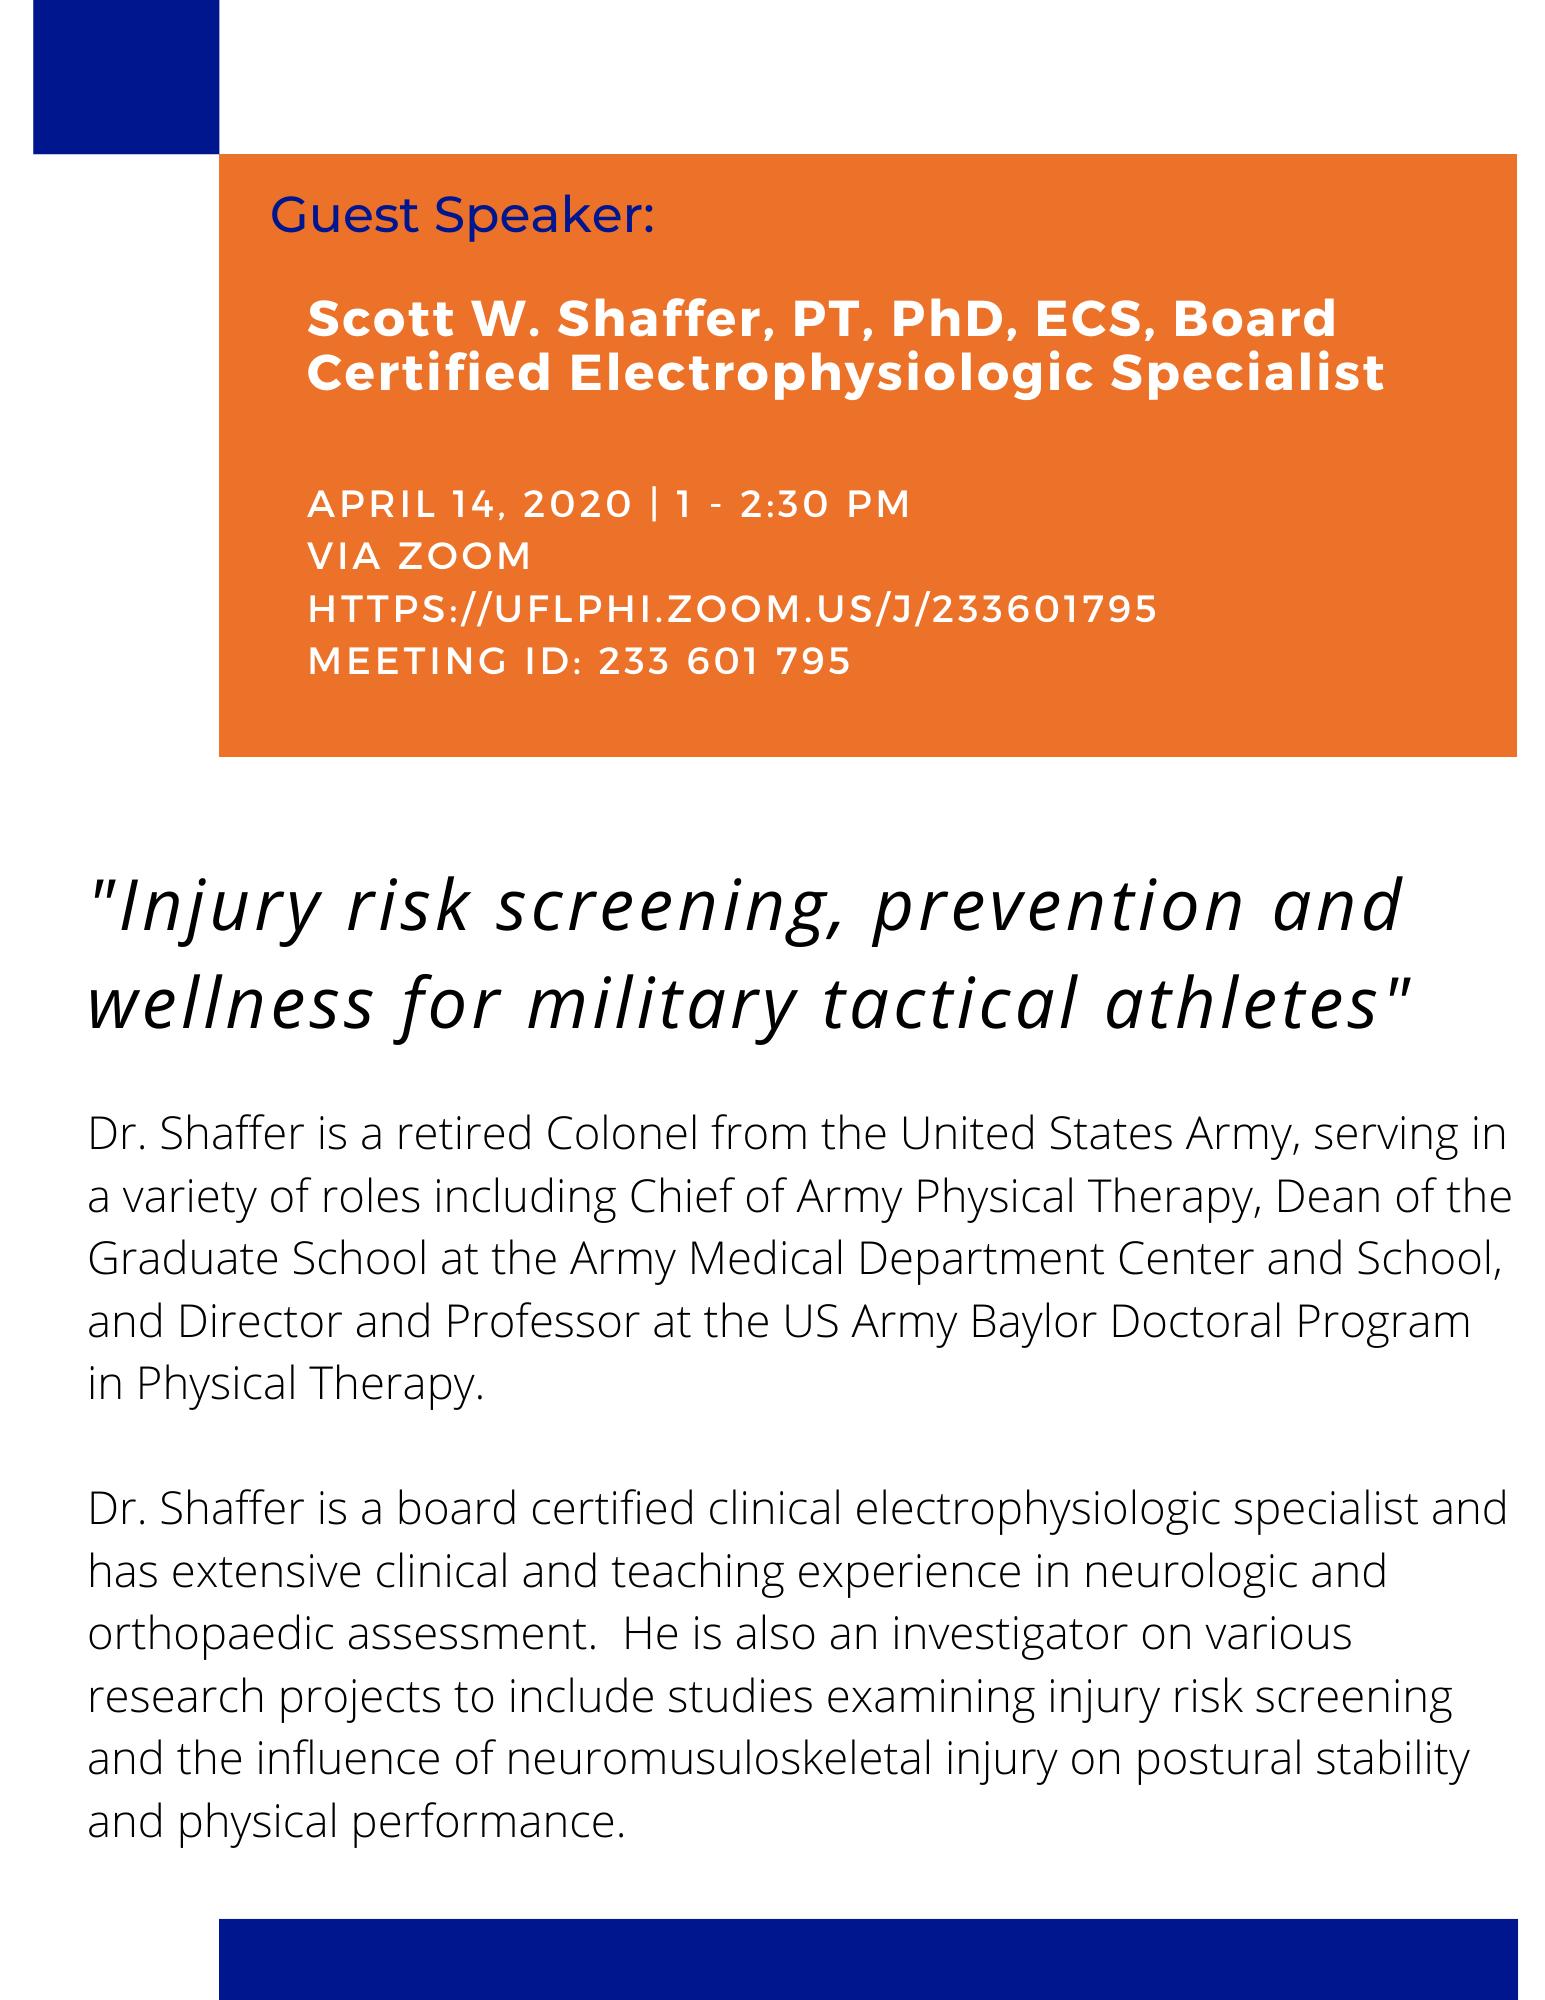 Flyer of Scott Schaffer's guest talk